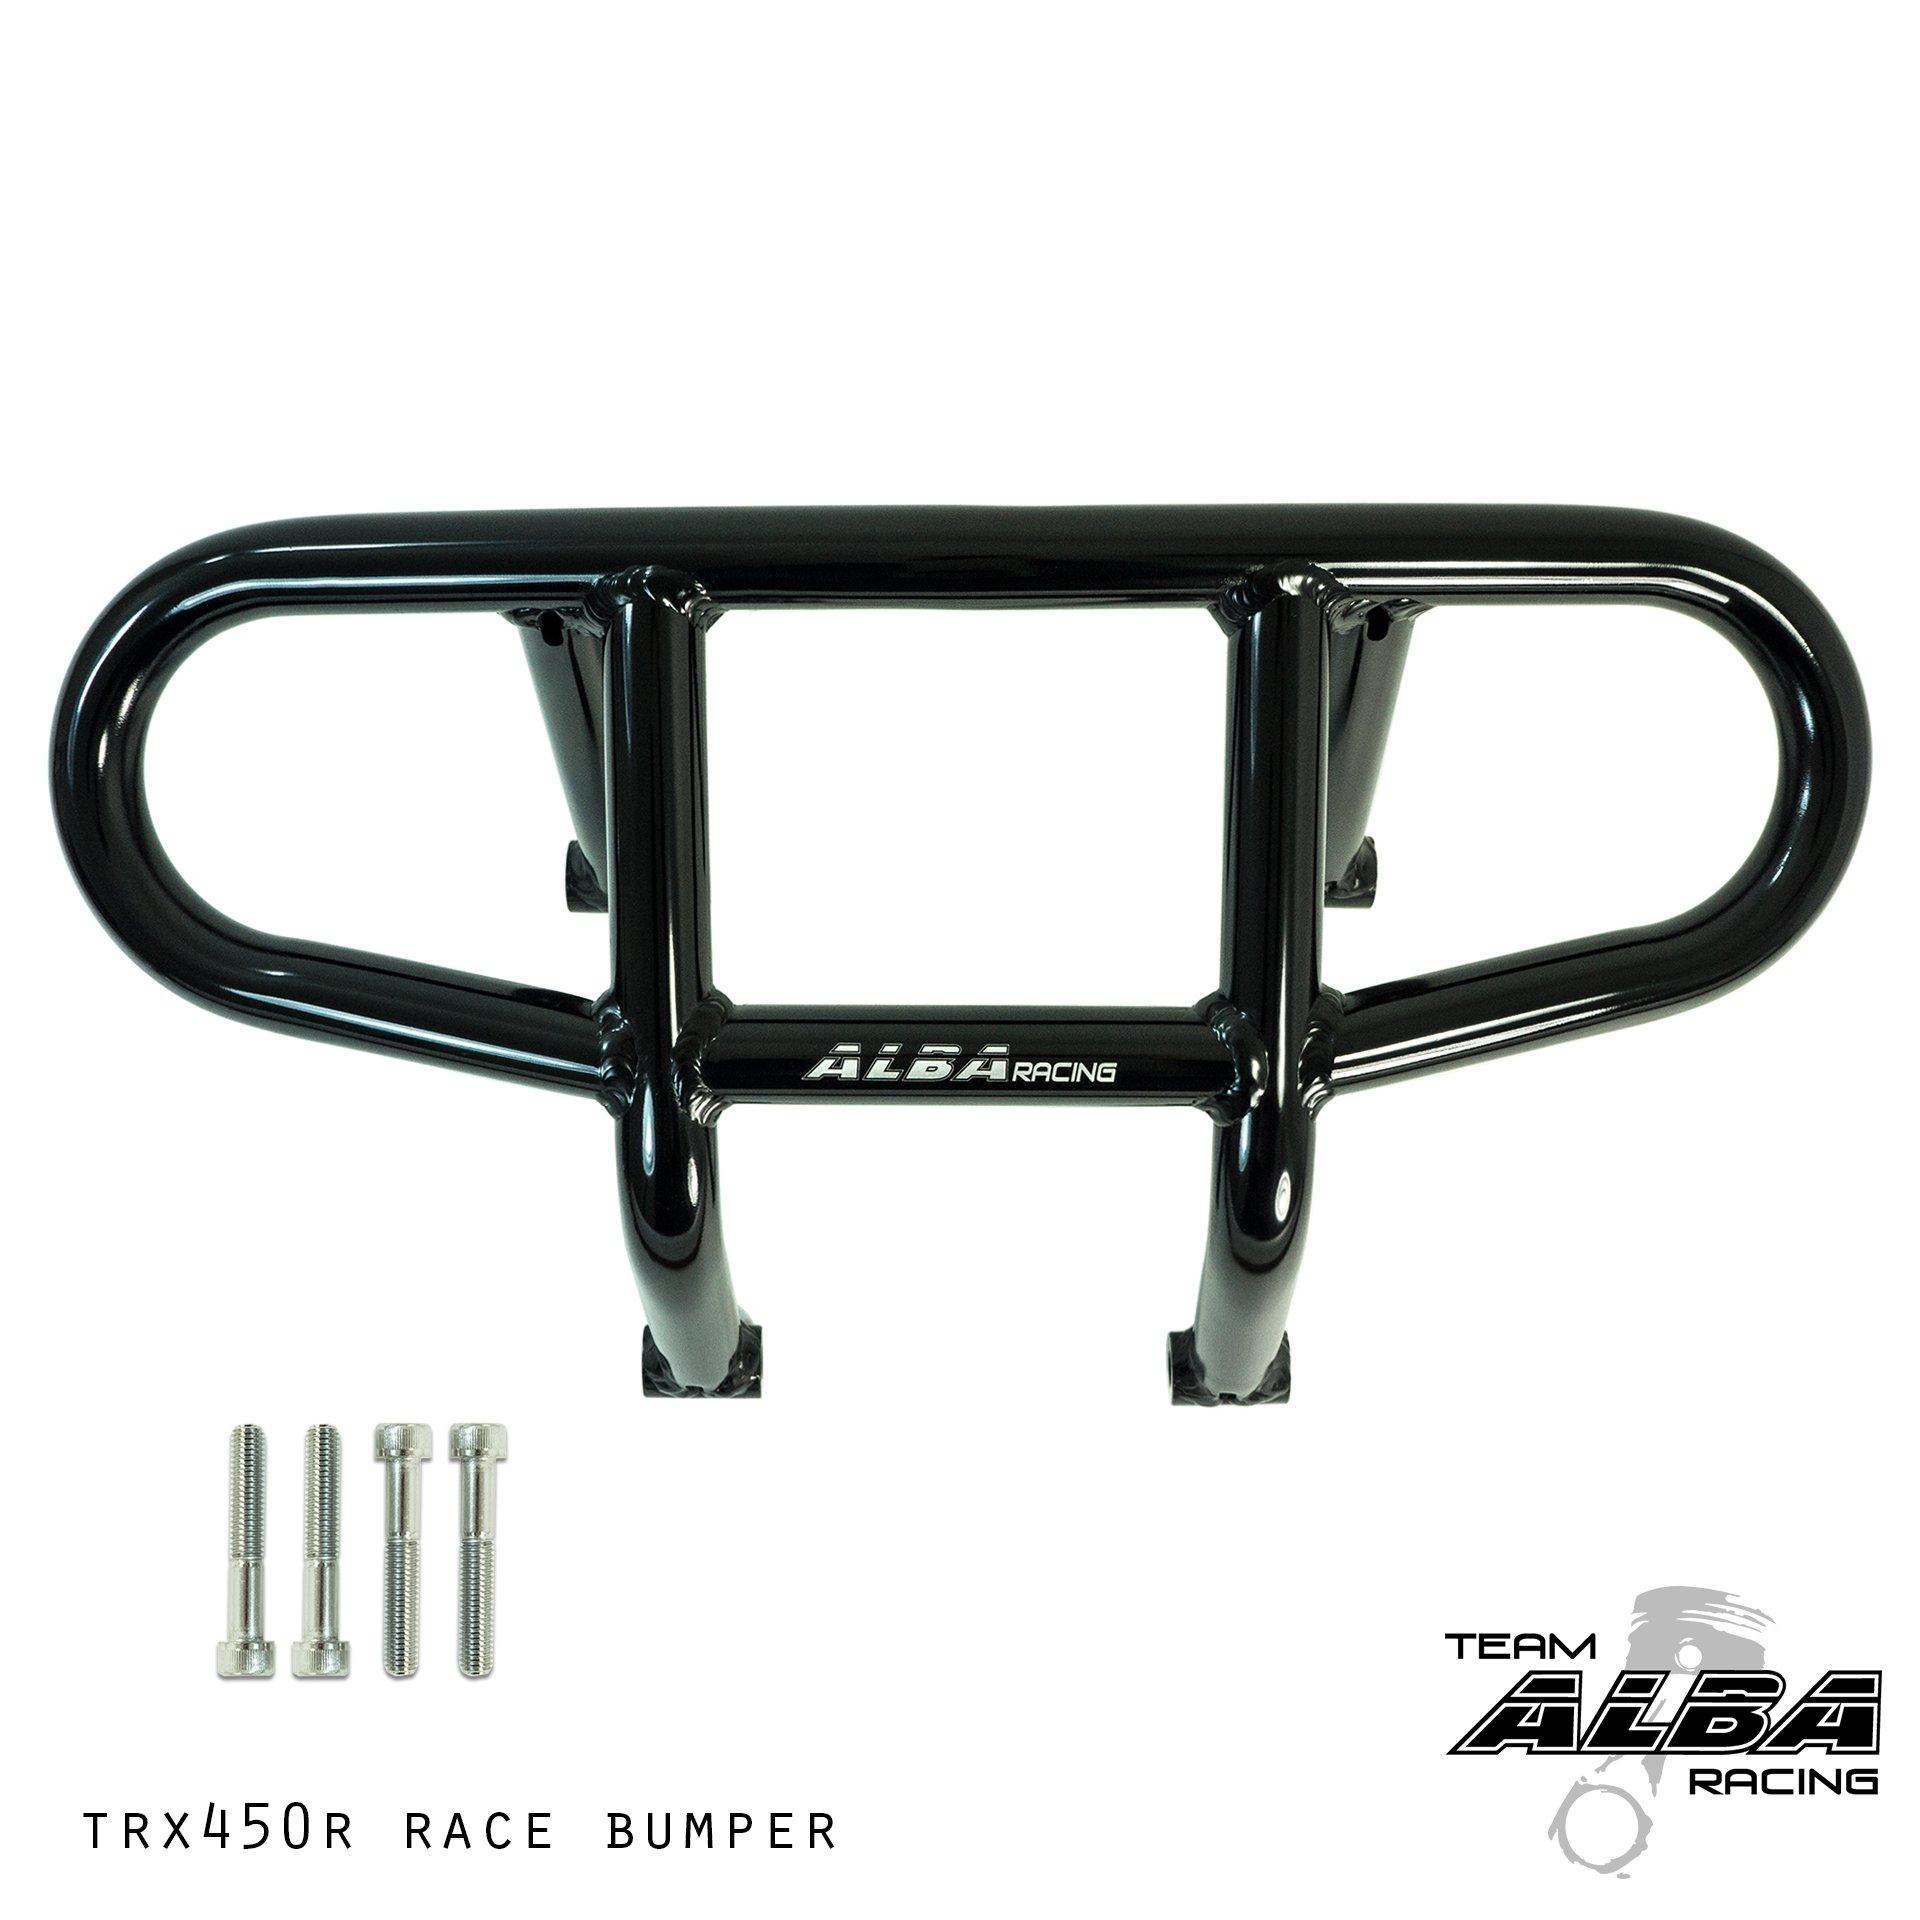 TRX 450R (2004-2014) and TRX 400EX 400X (1999-2014) Honda Compatible Front Bumper R1 - Black by Alba Racing